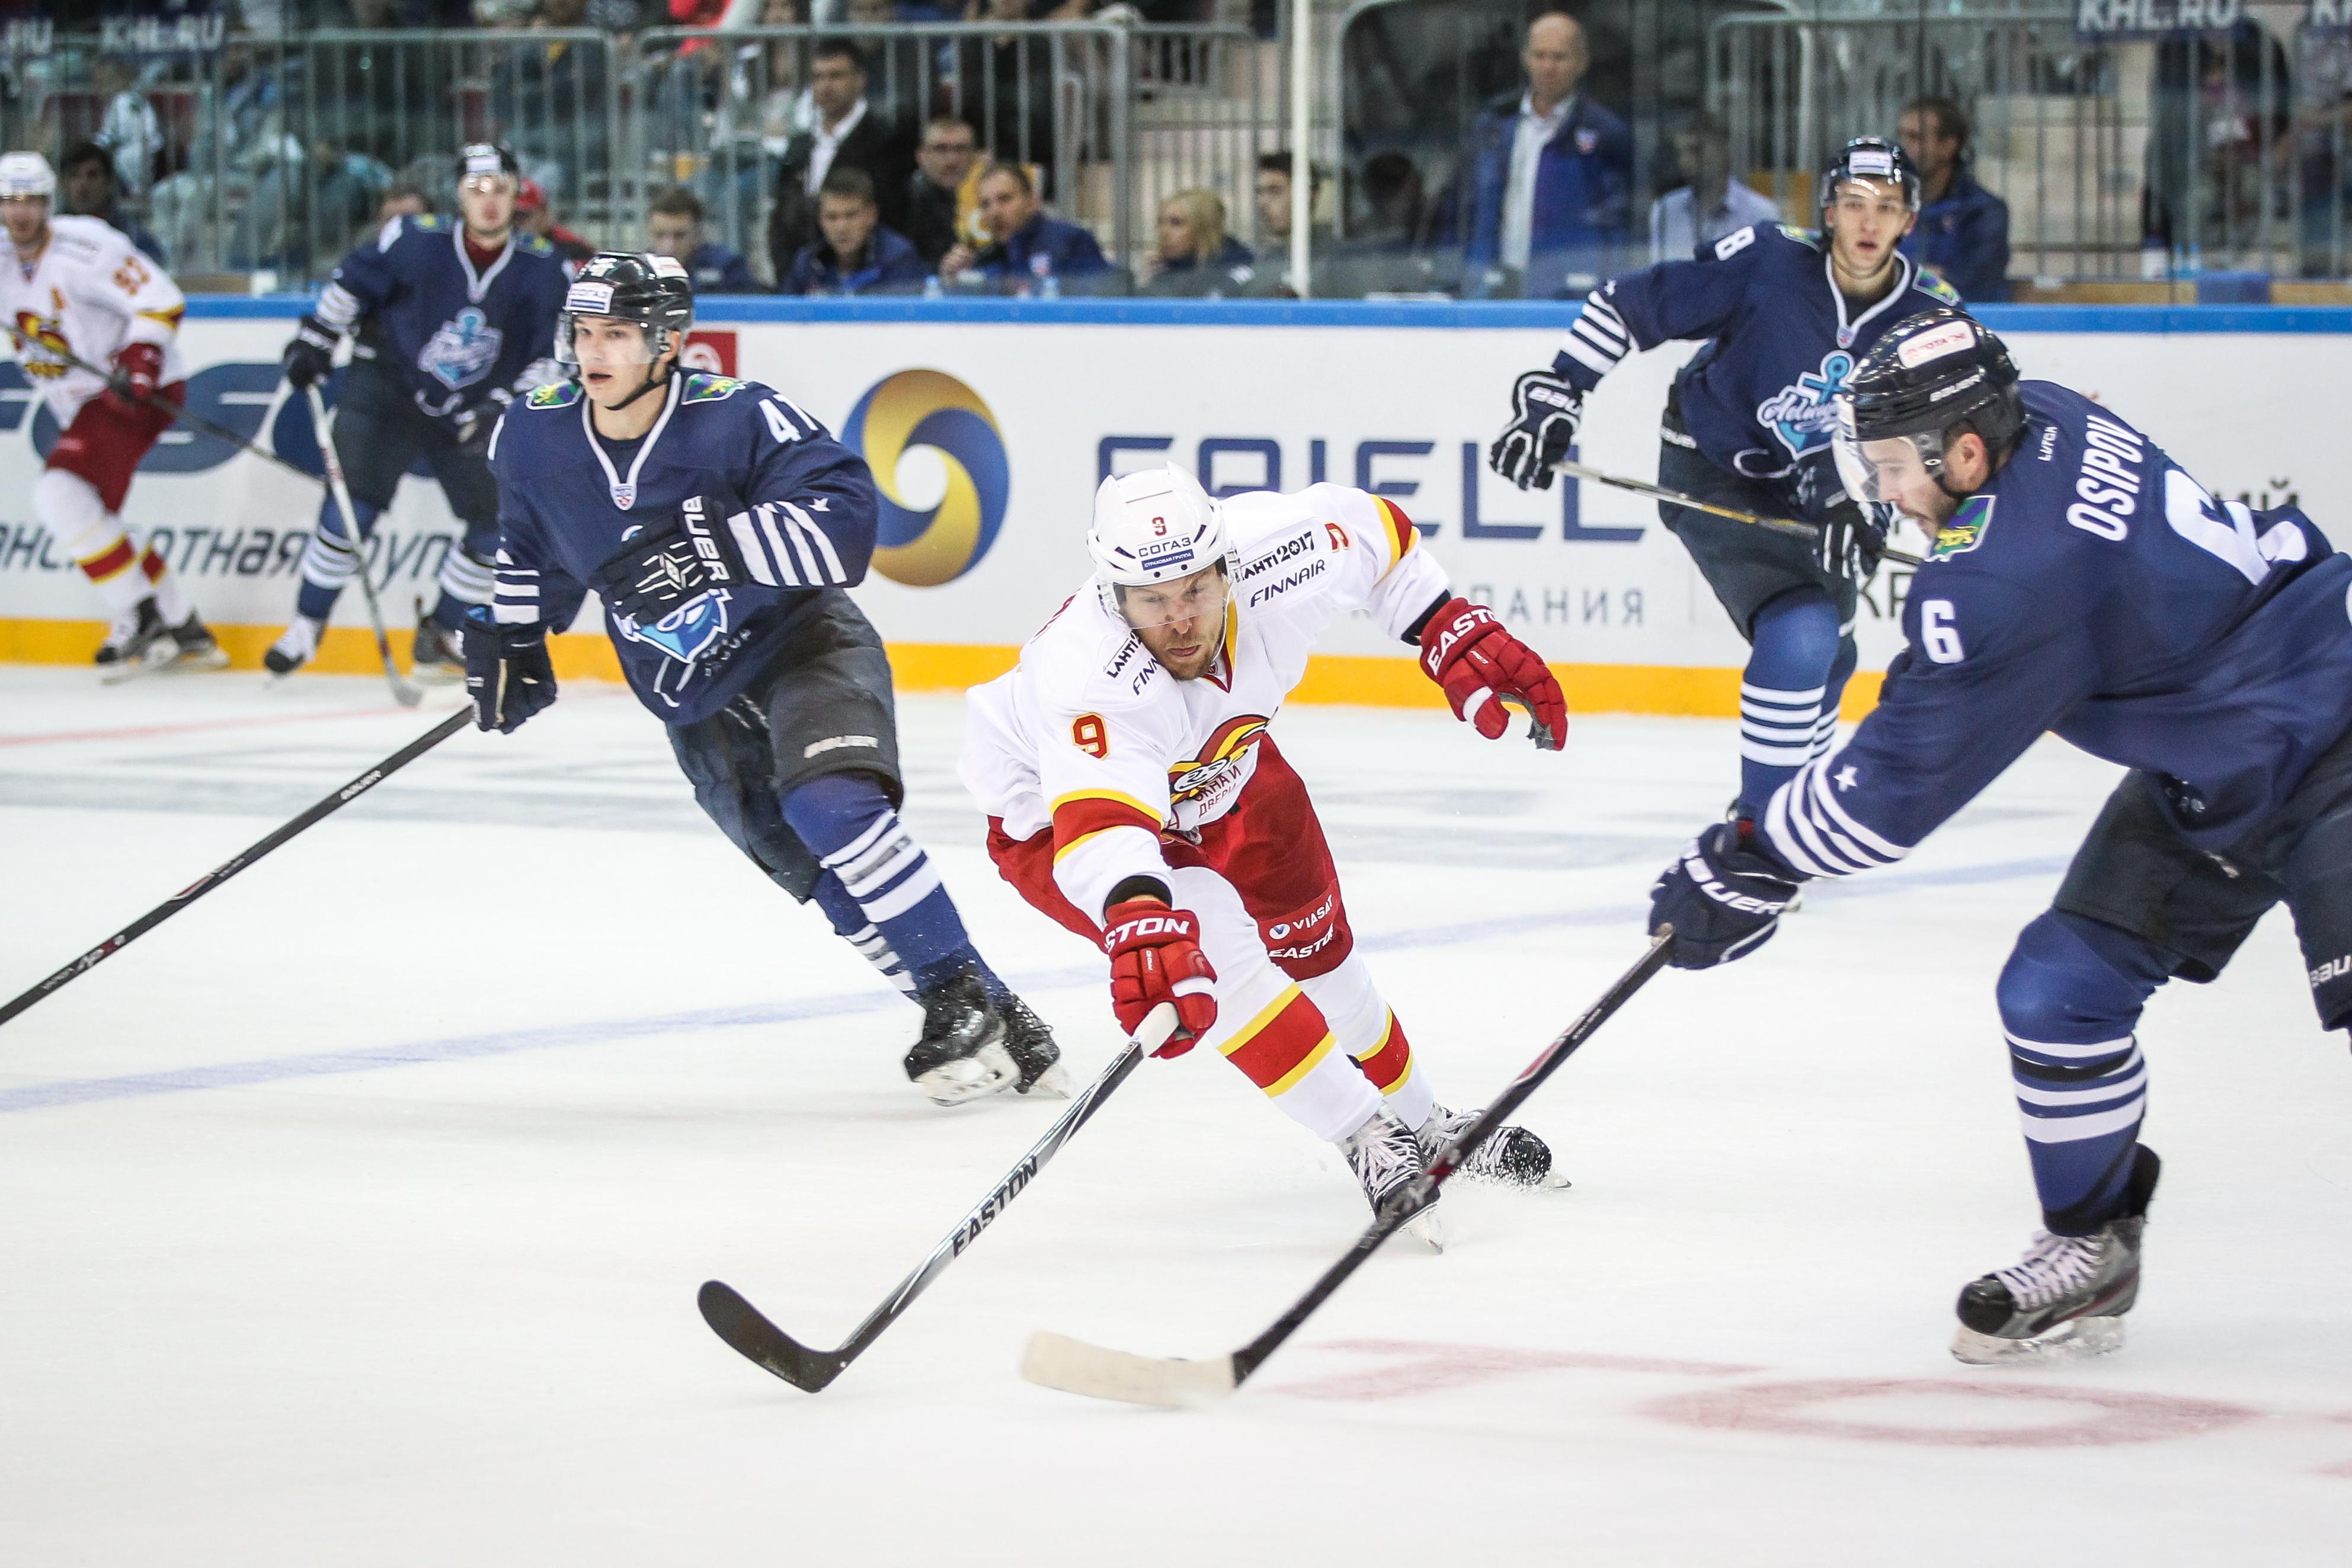 KHL gehört zu stärksten Spengler-Cup-Ligen